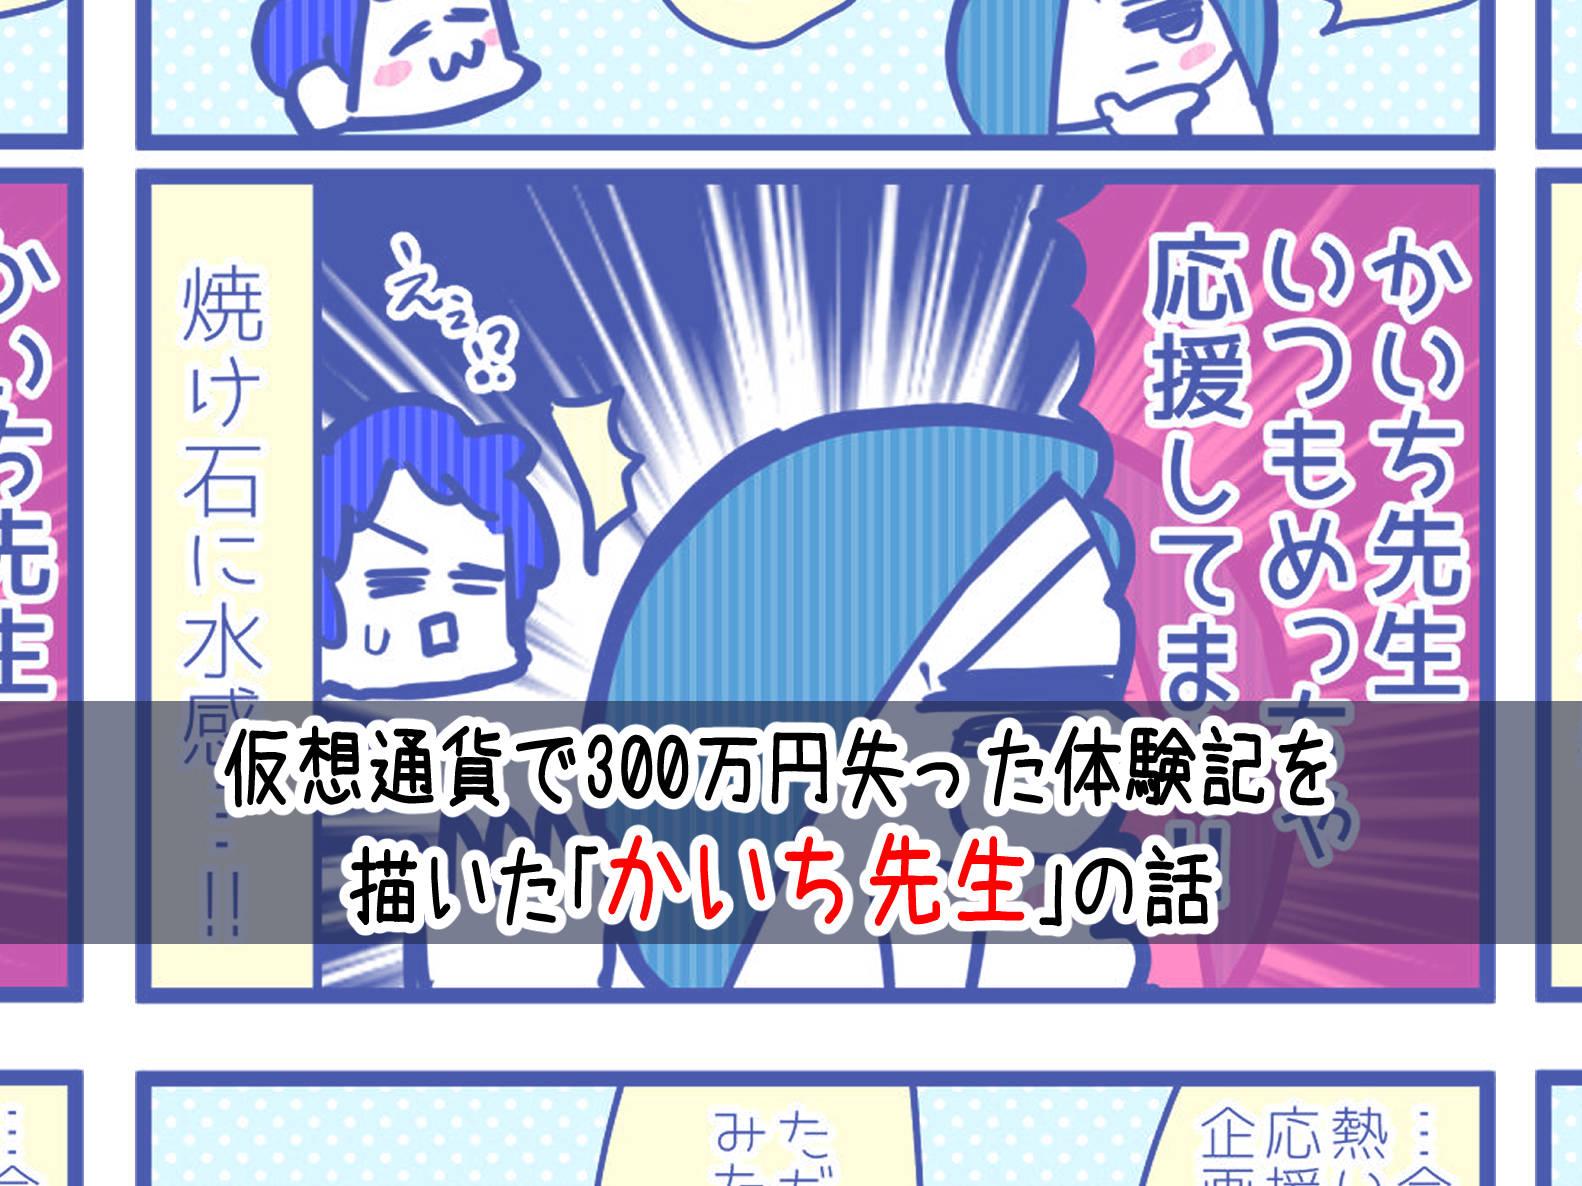 f:id:futagosiroan:20190330000150j:image